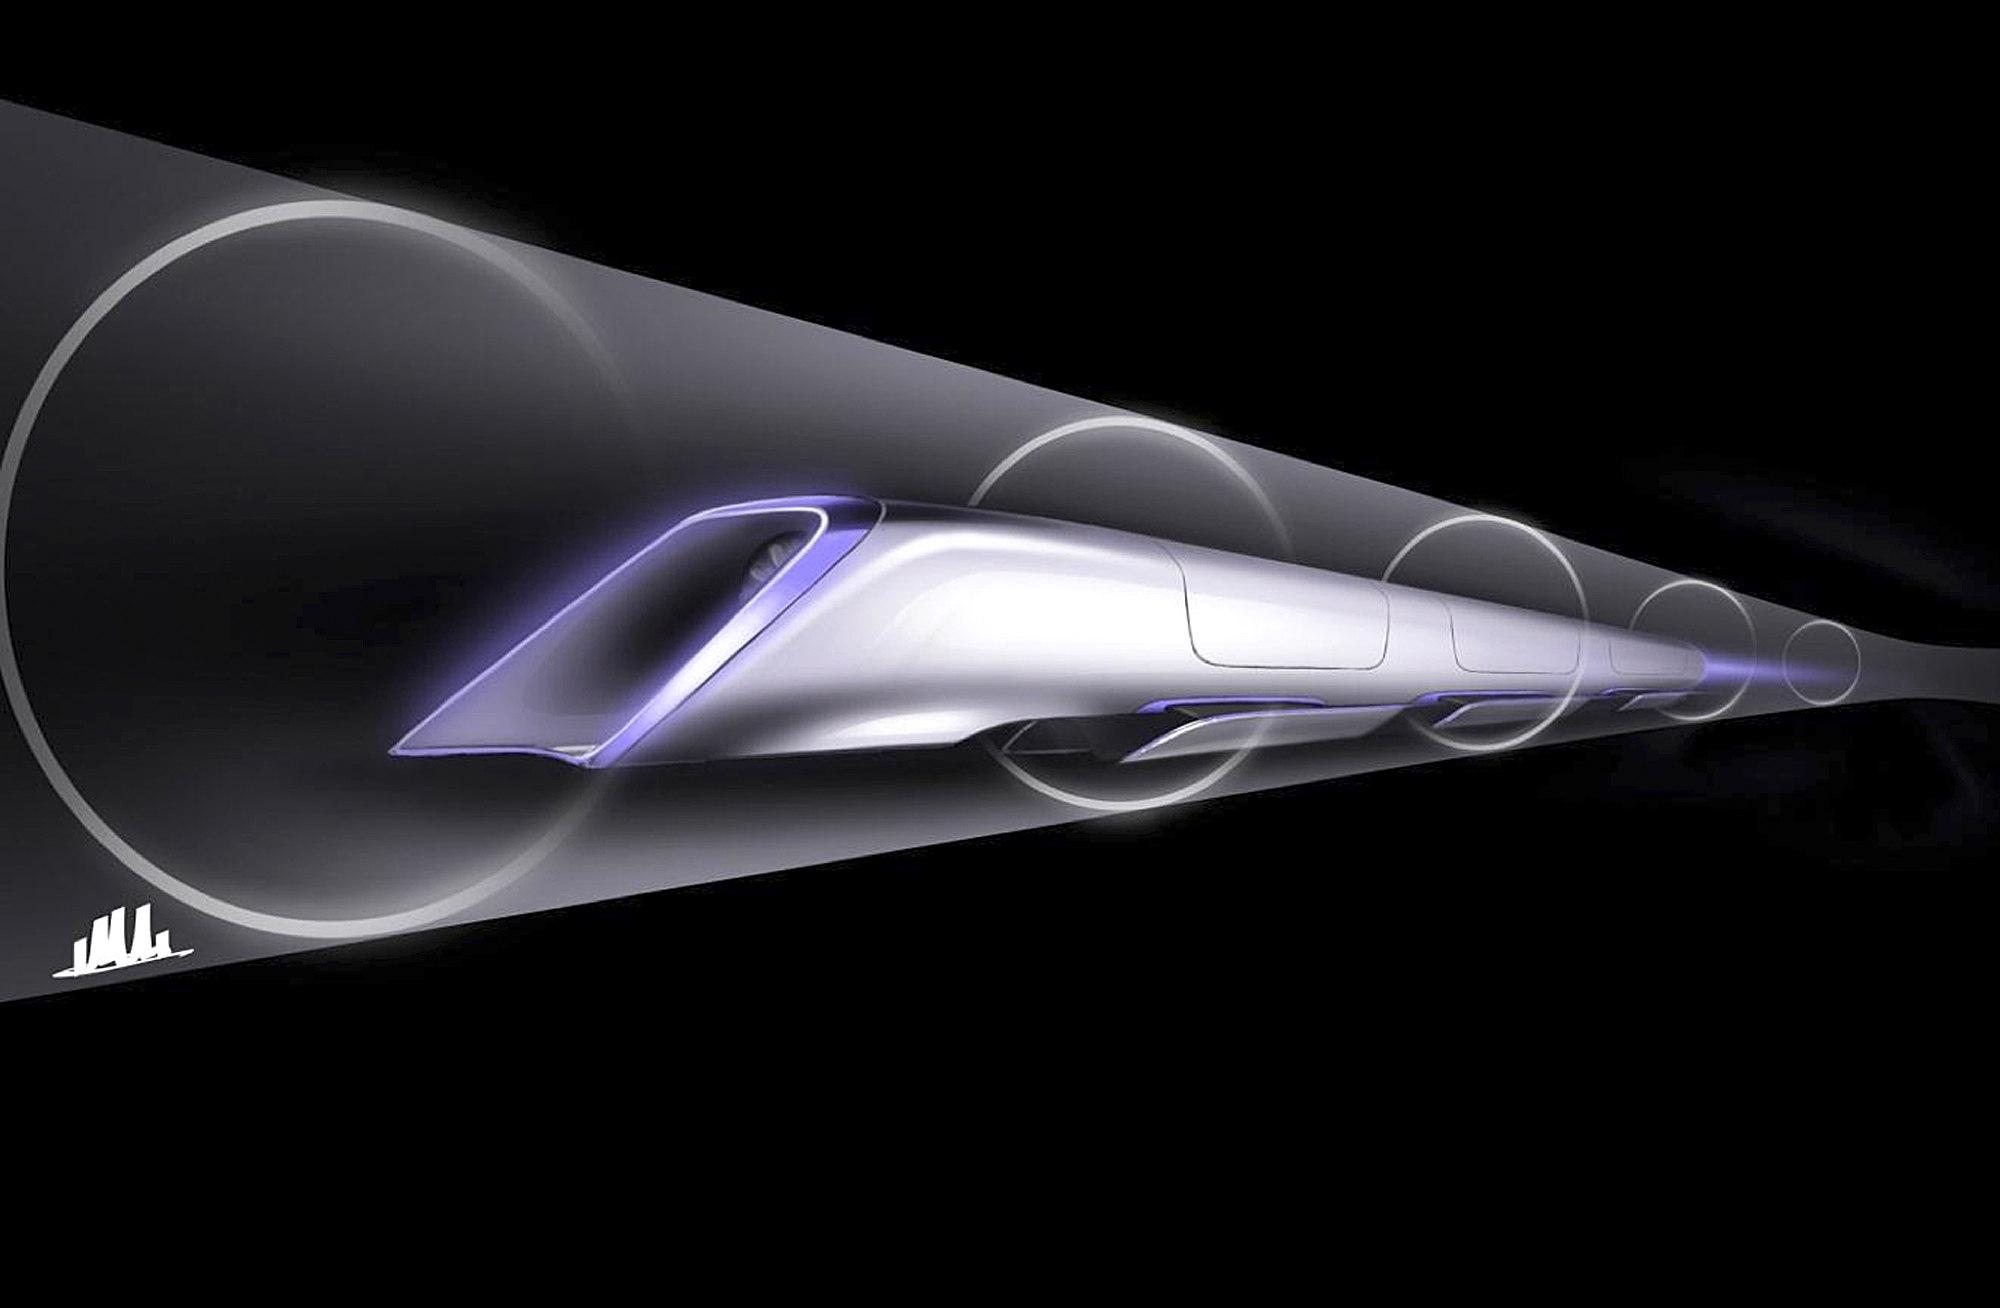 Túnel ultra-rápido de Elon Musk vai mesmo acontecer